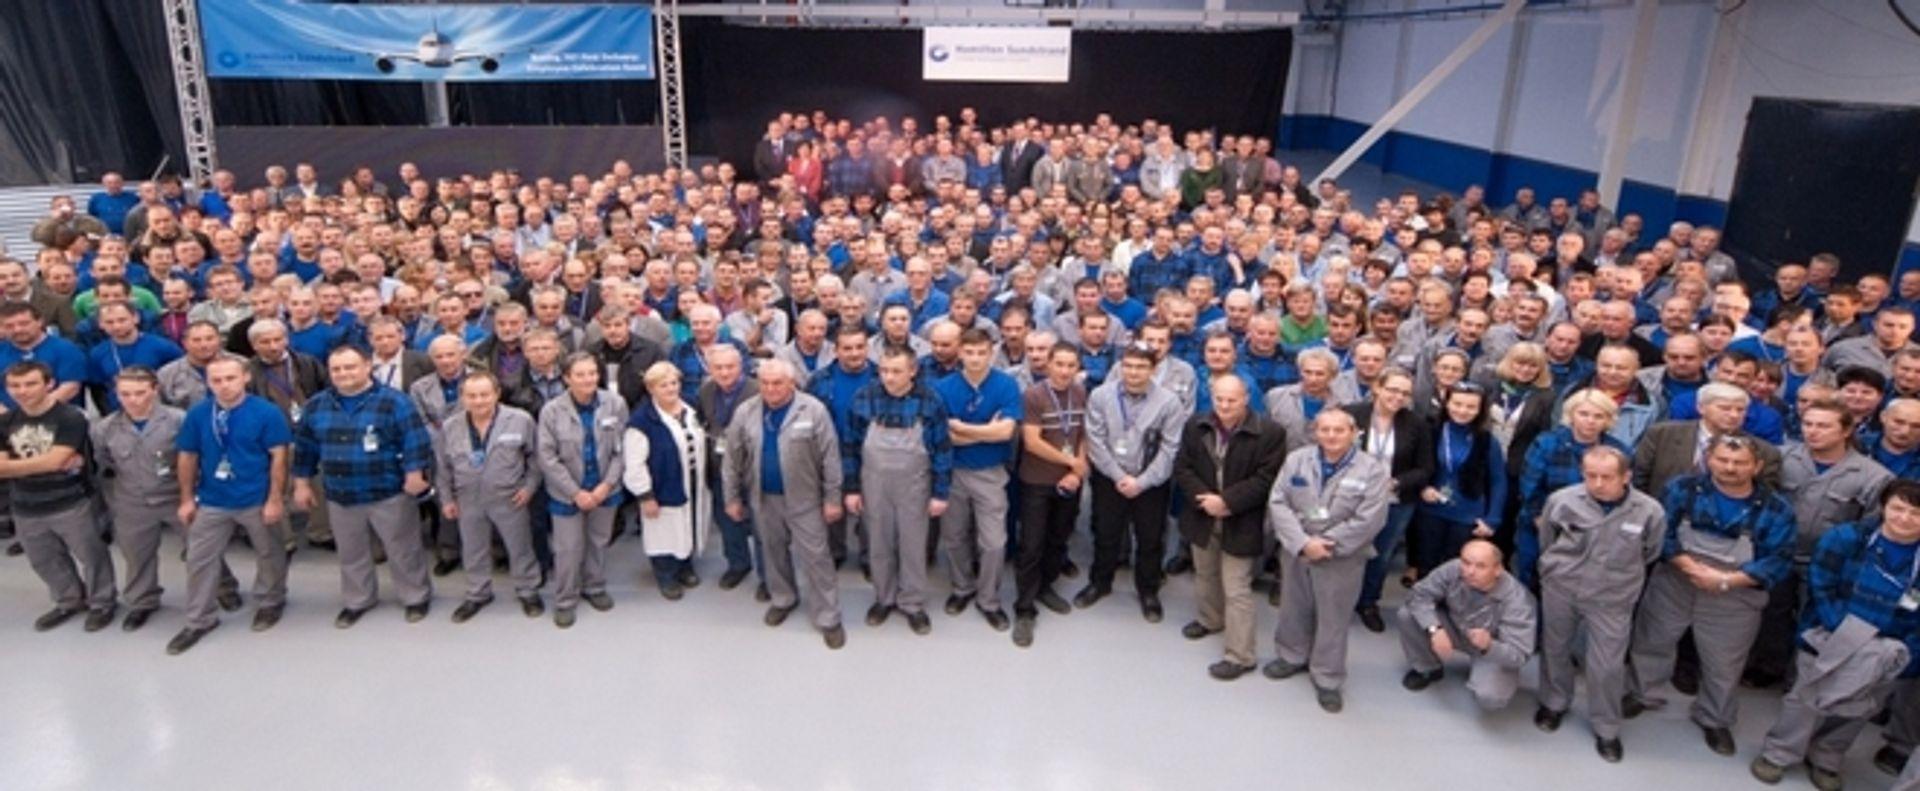 [Wrocław] 300 osób znajdzie pracę przy produkcji i badaniach dla przemysłu lotniczego